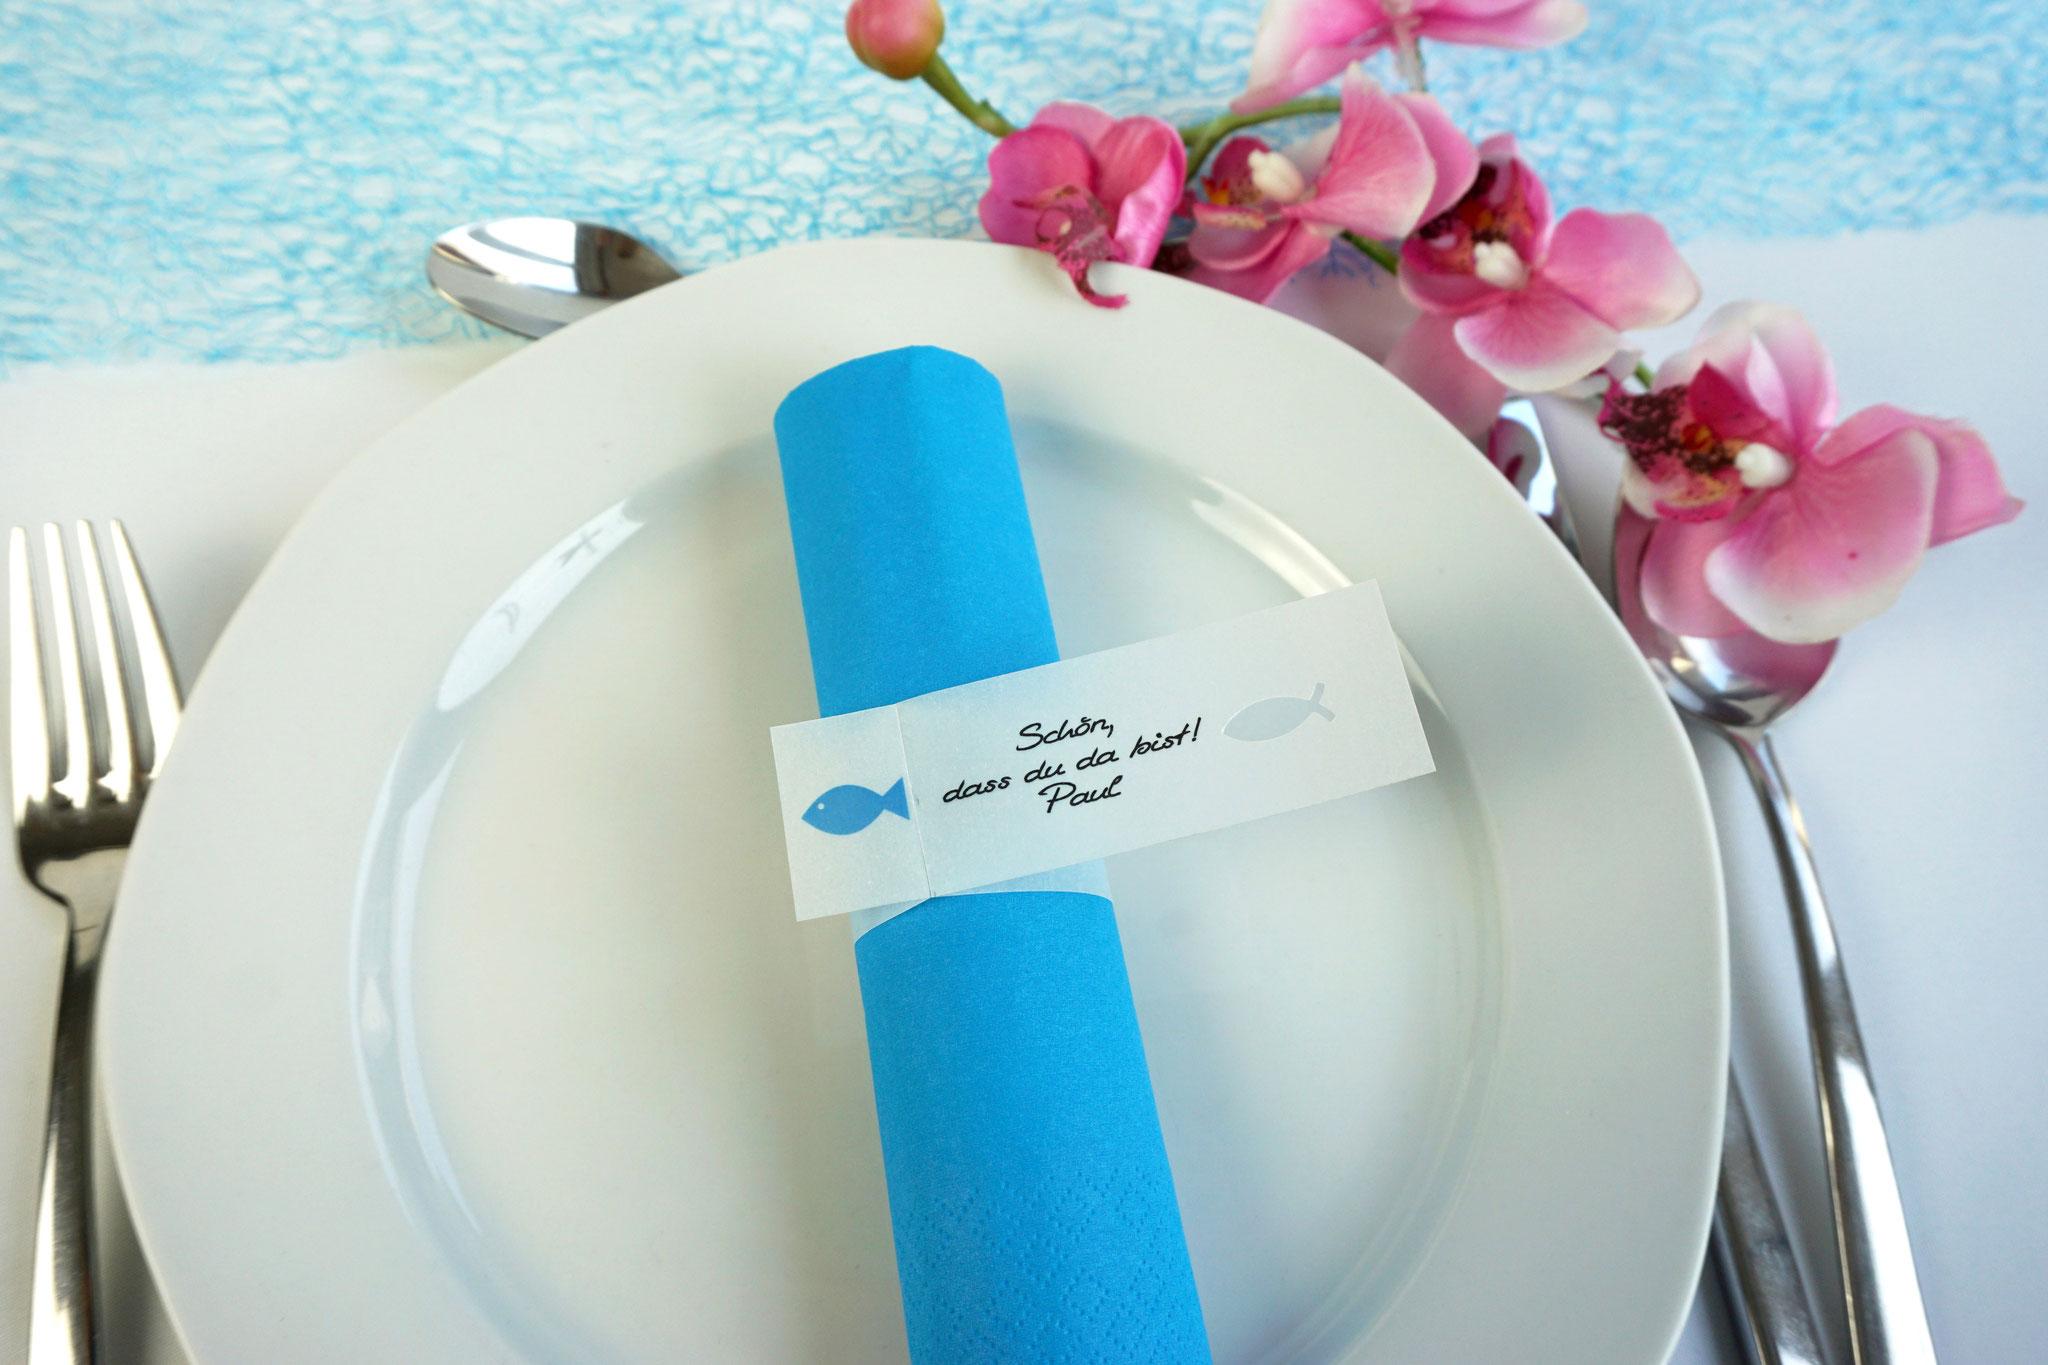 Serviettenring Design Fisch, Farbe Aqua, Randabschluss Fisch